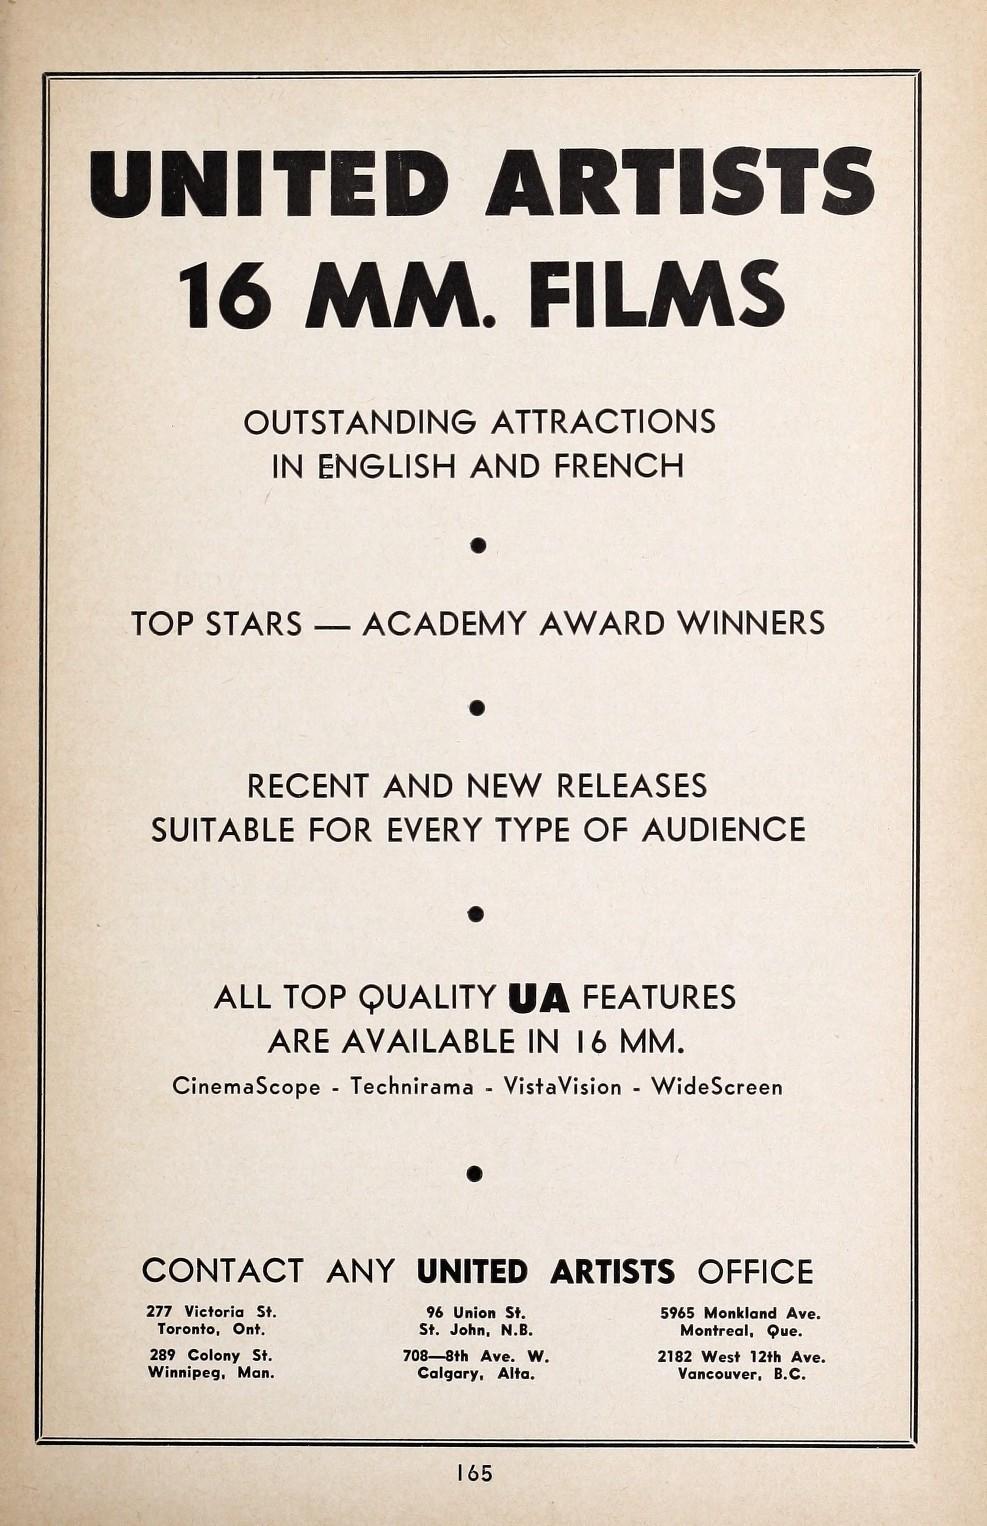 196162yearbookca00film_jp2.zip&file=196162yearbookca00film_jp2%2f196162yearbookca00film_0167